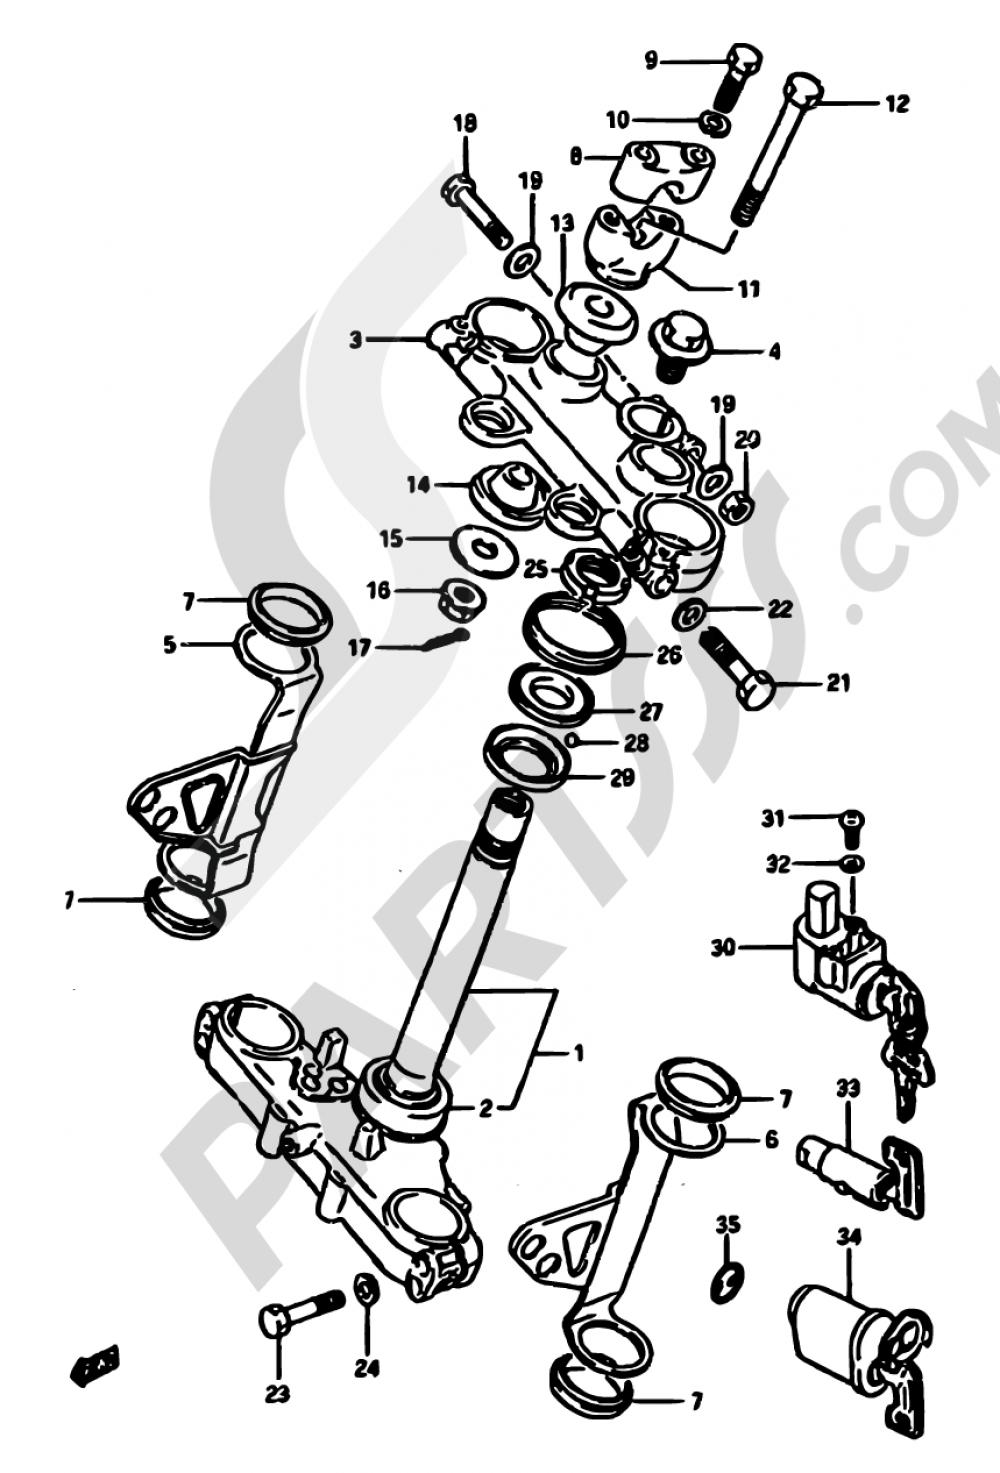 39 - STEERING STEM Suzuki DR600S 1987